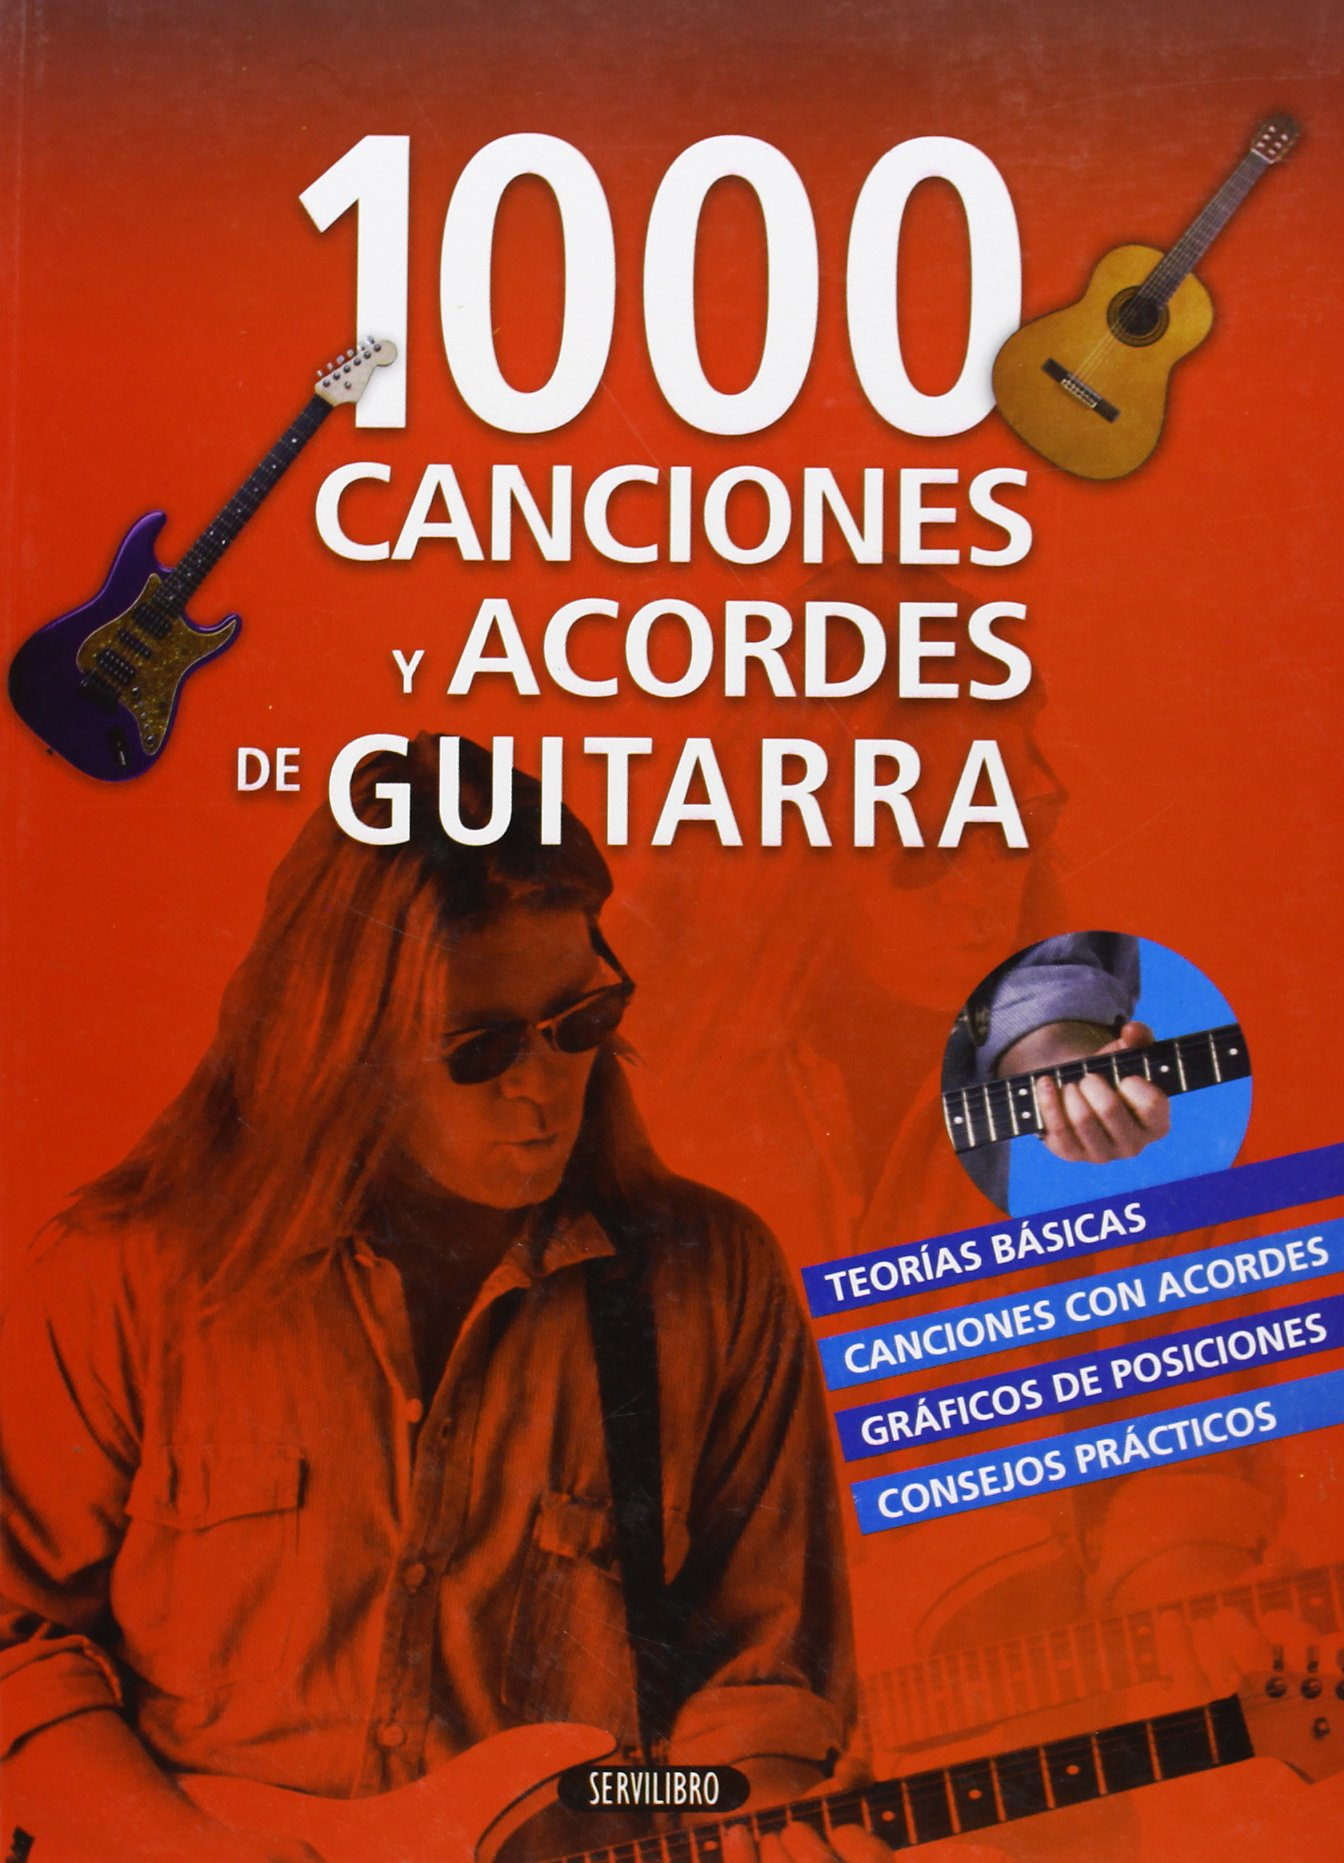 Acordes guitarra pdf